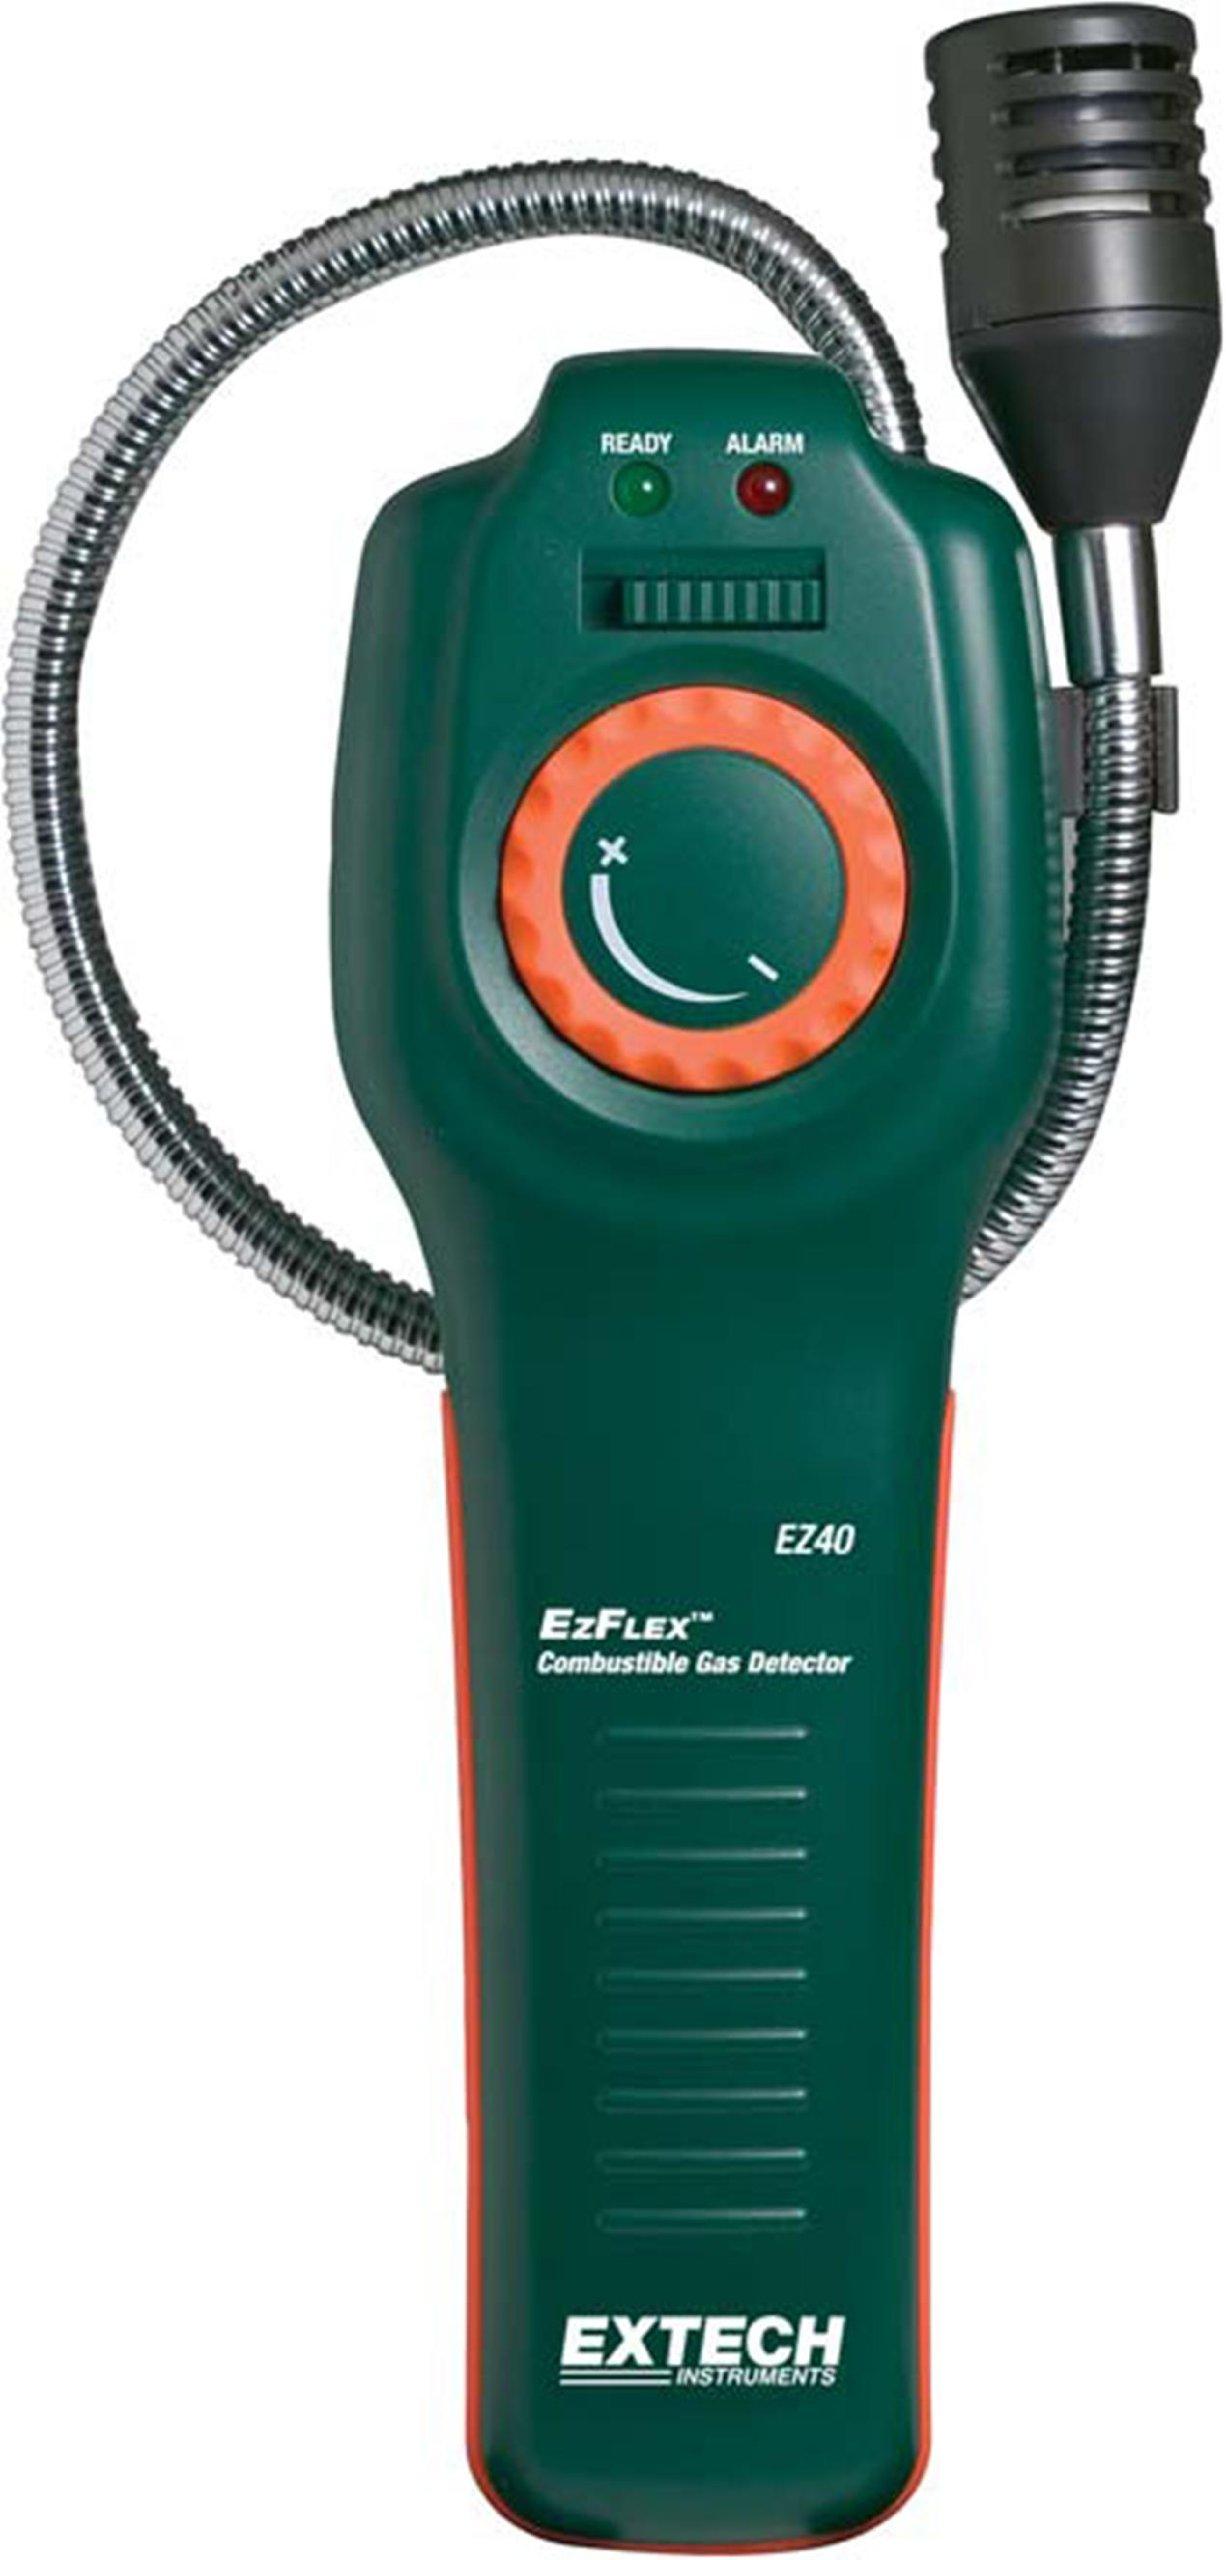 Extech EZ40 EzFlex Combustible Gas Detector